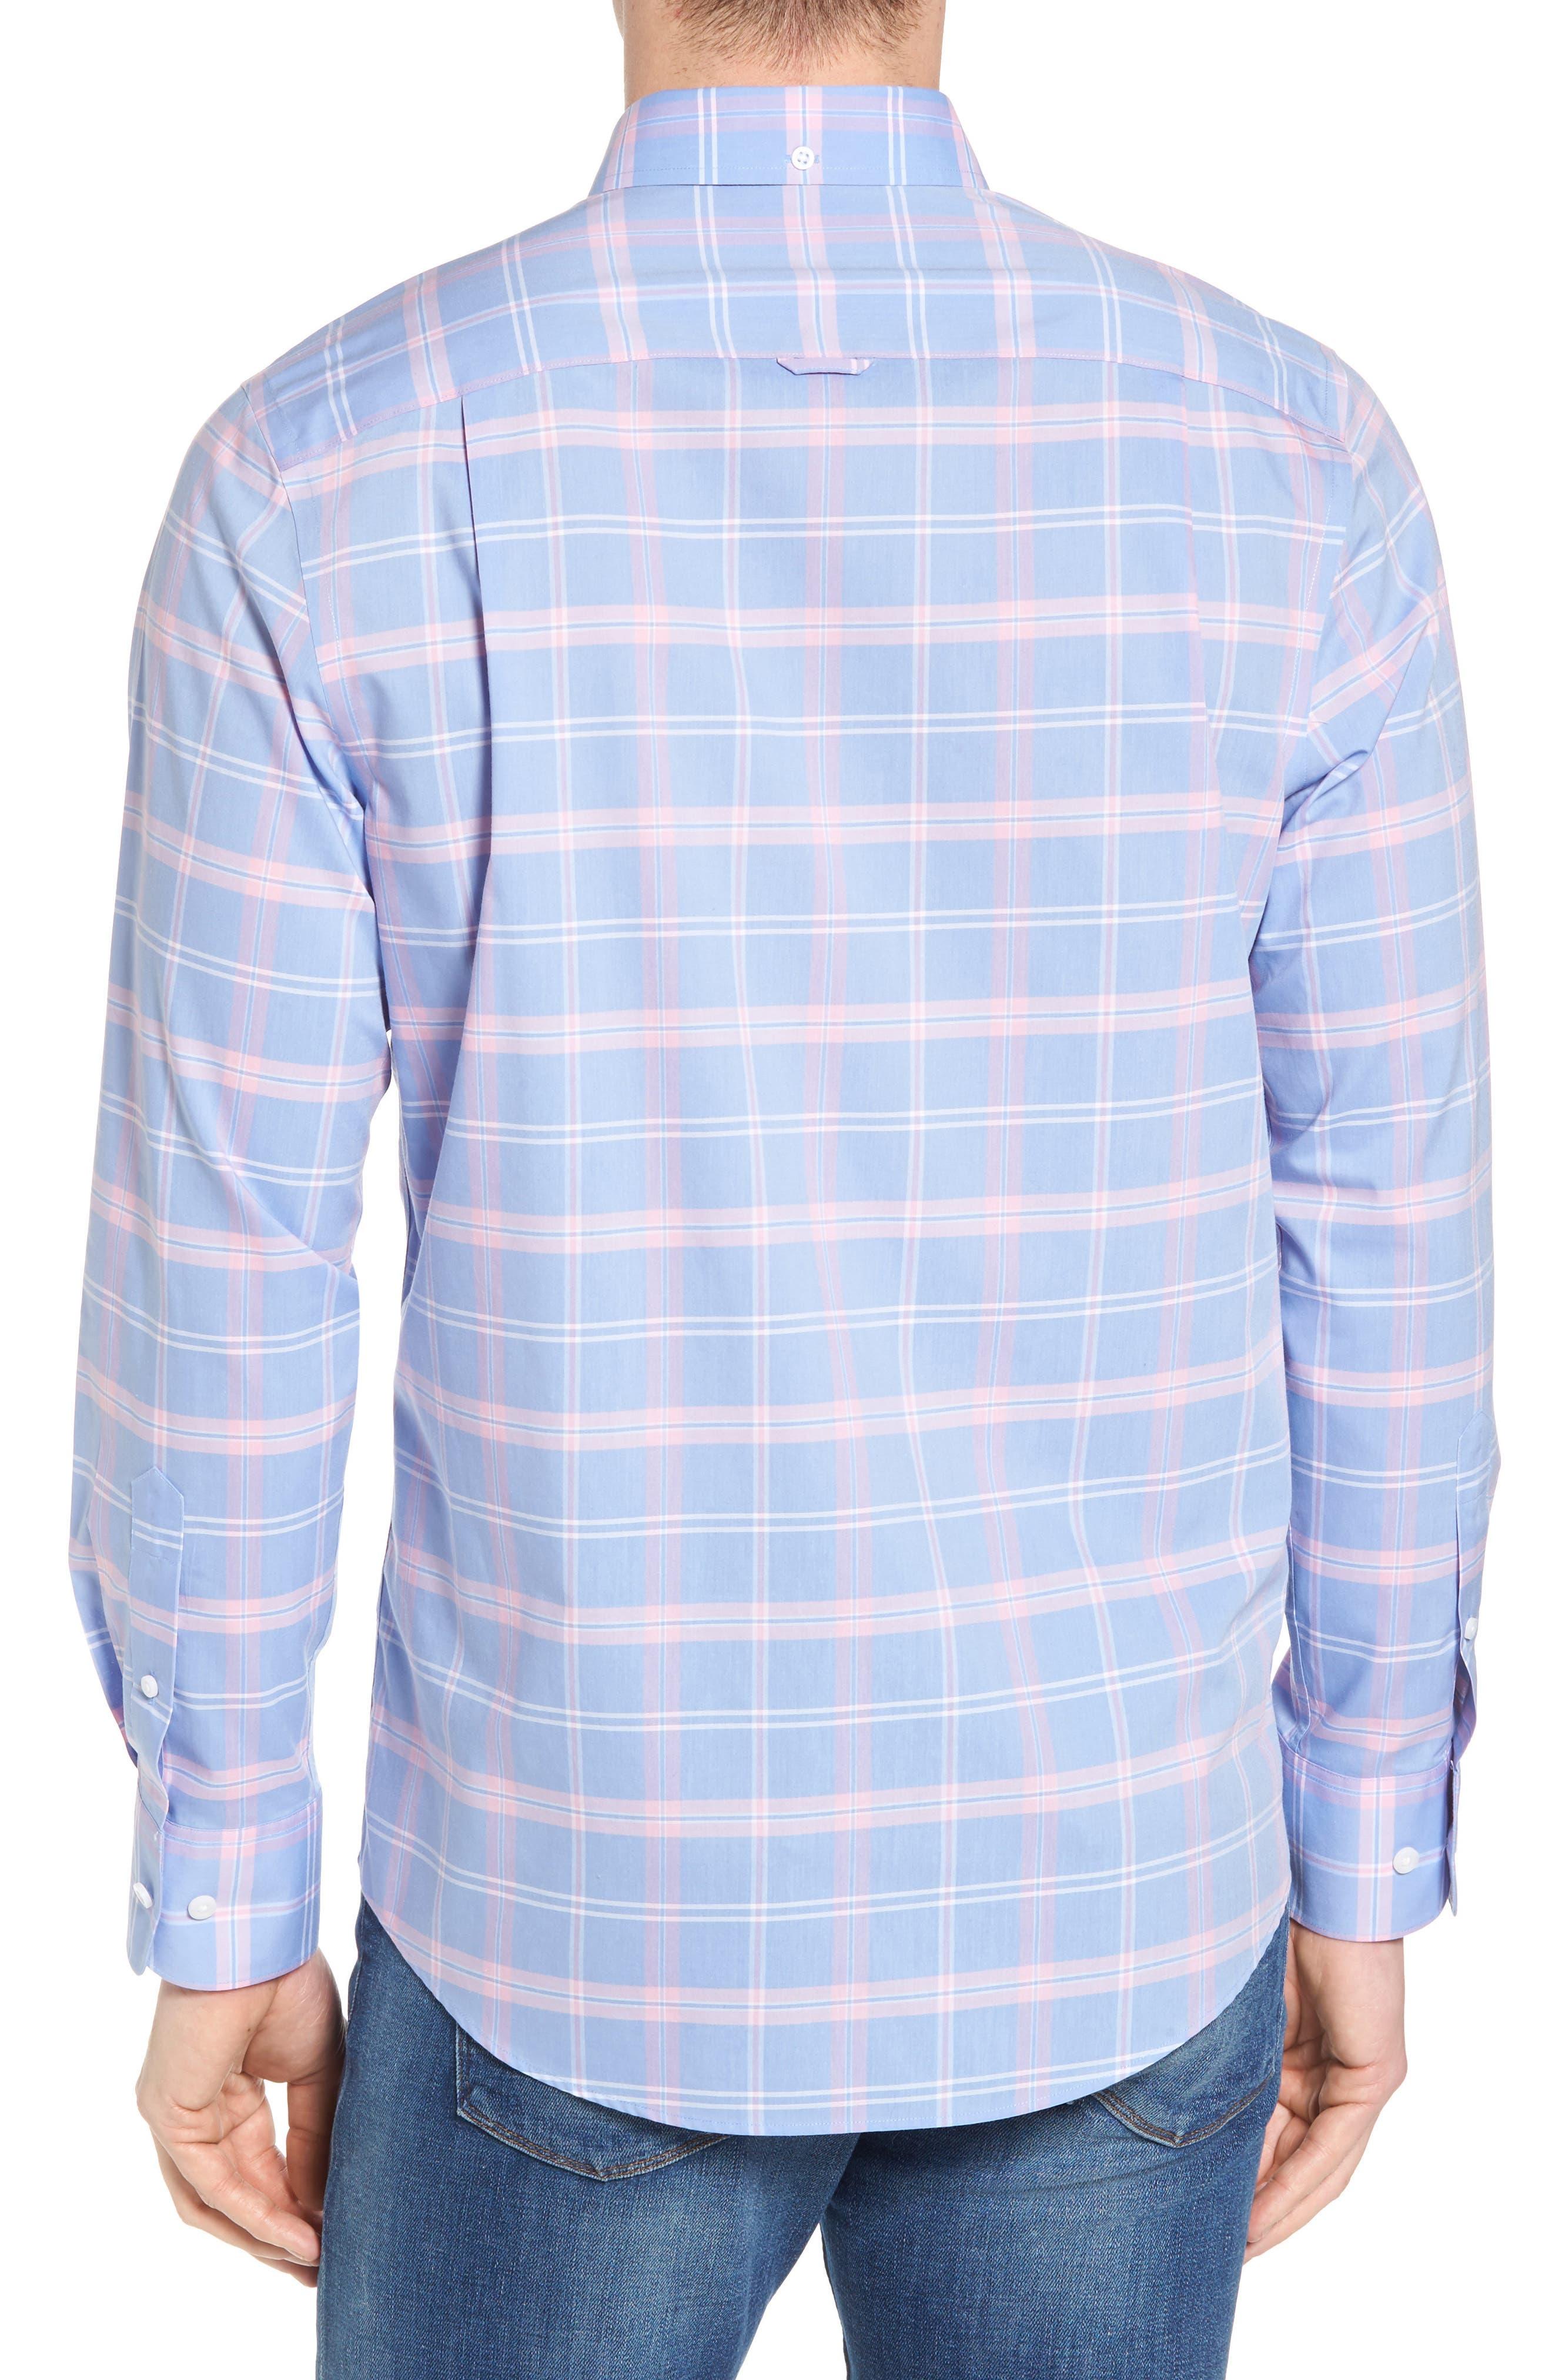 Smartcare<sup>™</sup> Regular Fit Plaid Sport Shirt,                             Alternate thumbnail 2, color,                             420